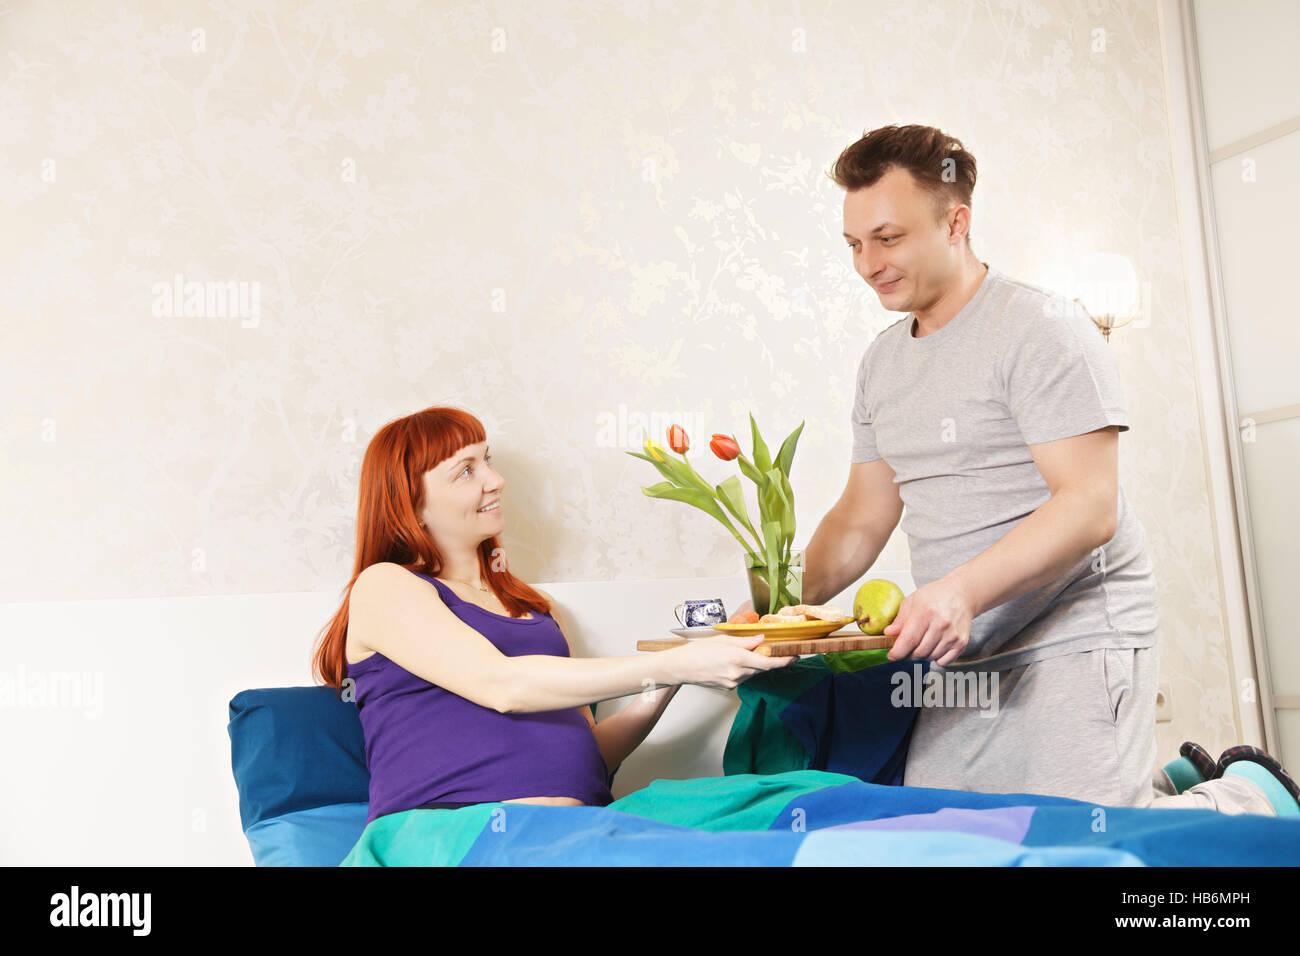 Guy serves breakfast - Stock Image